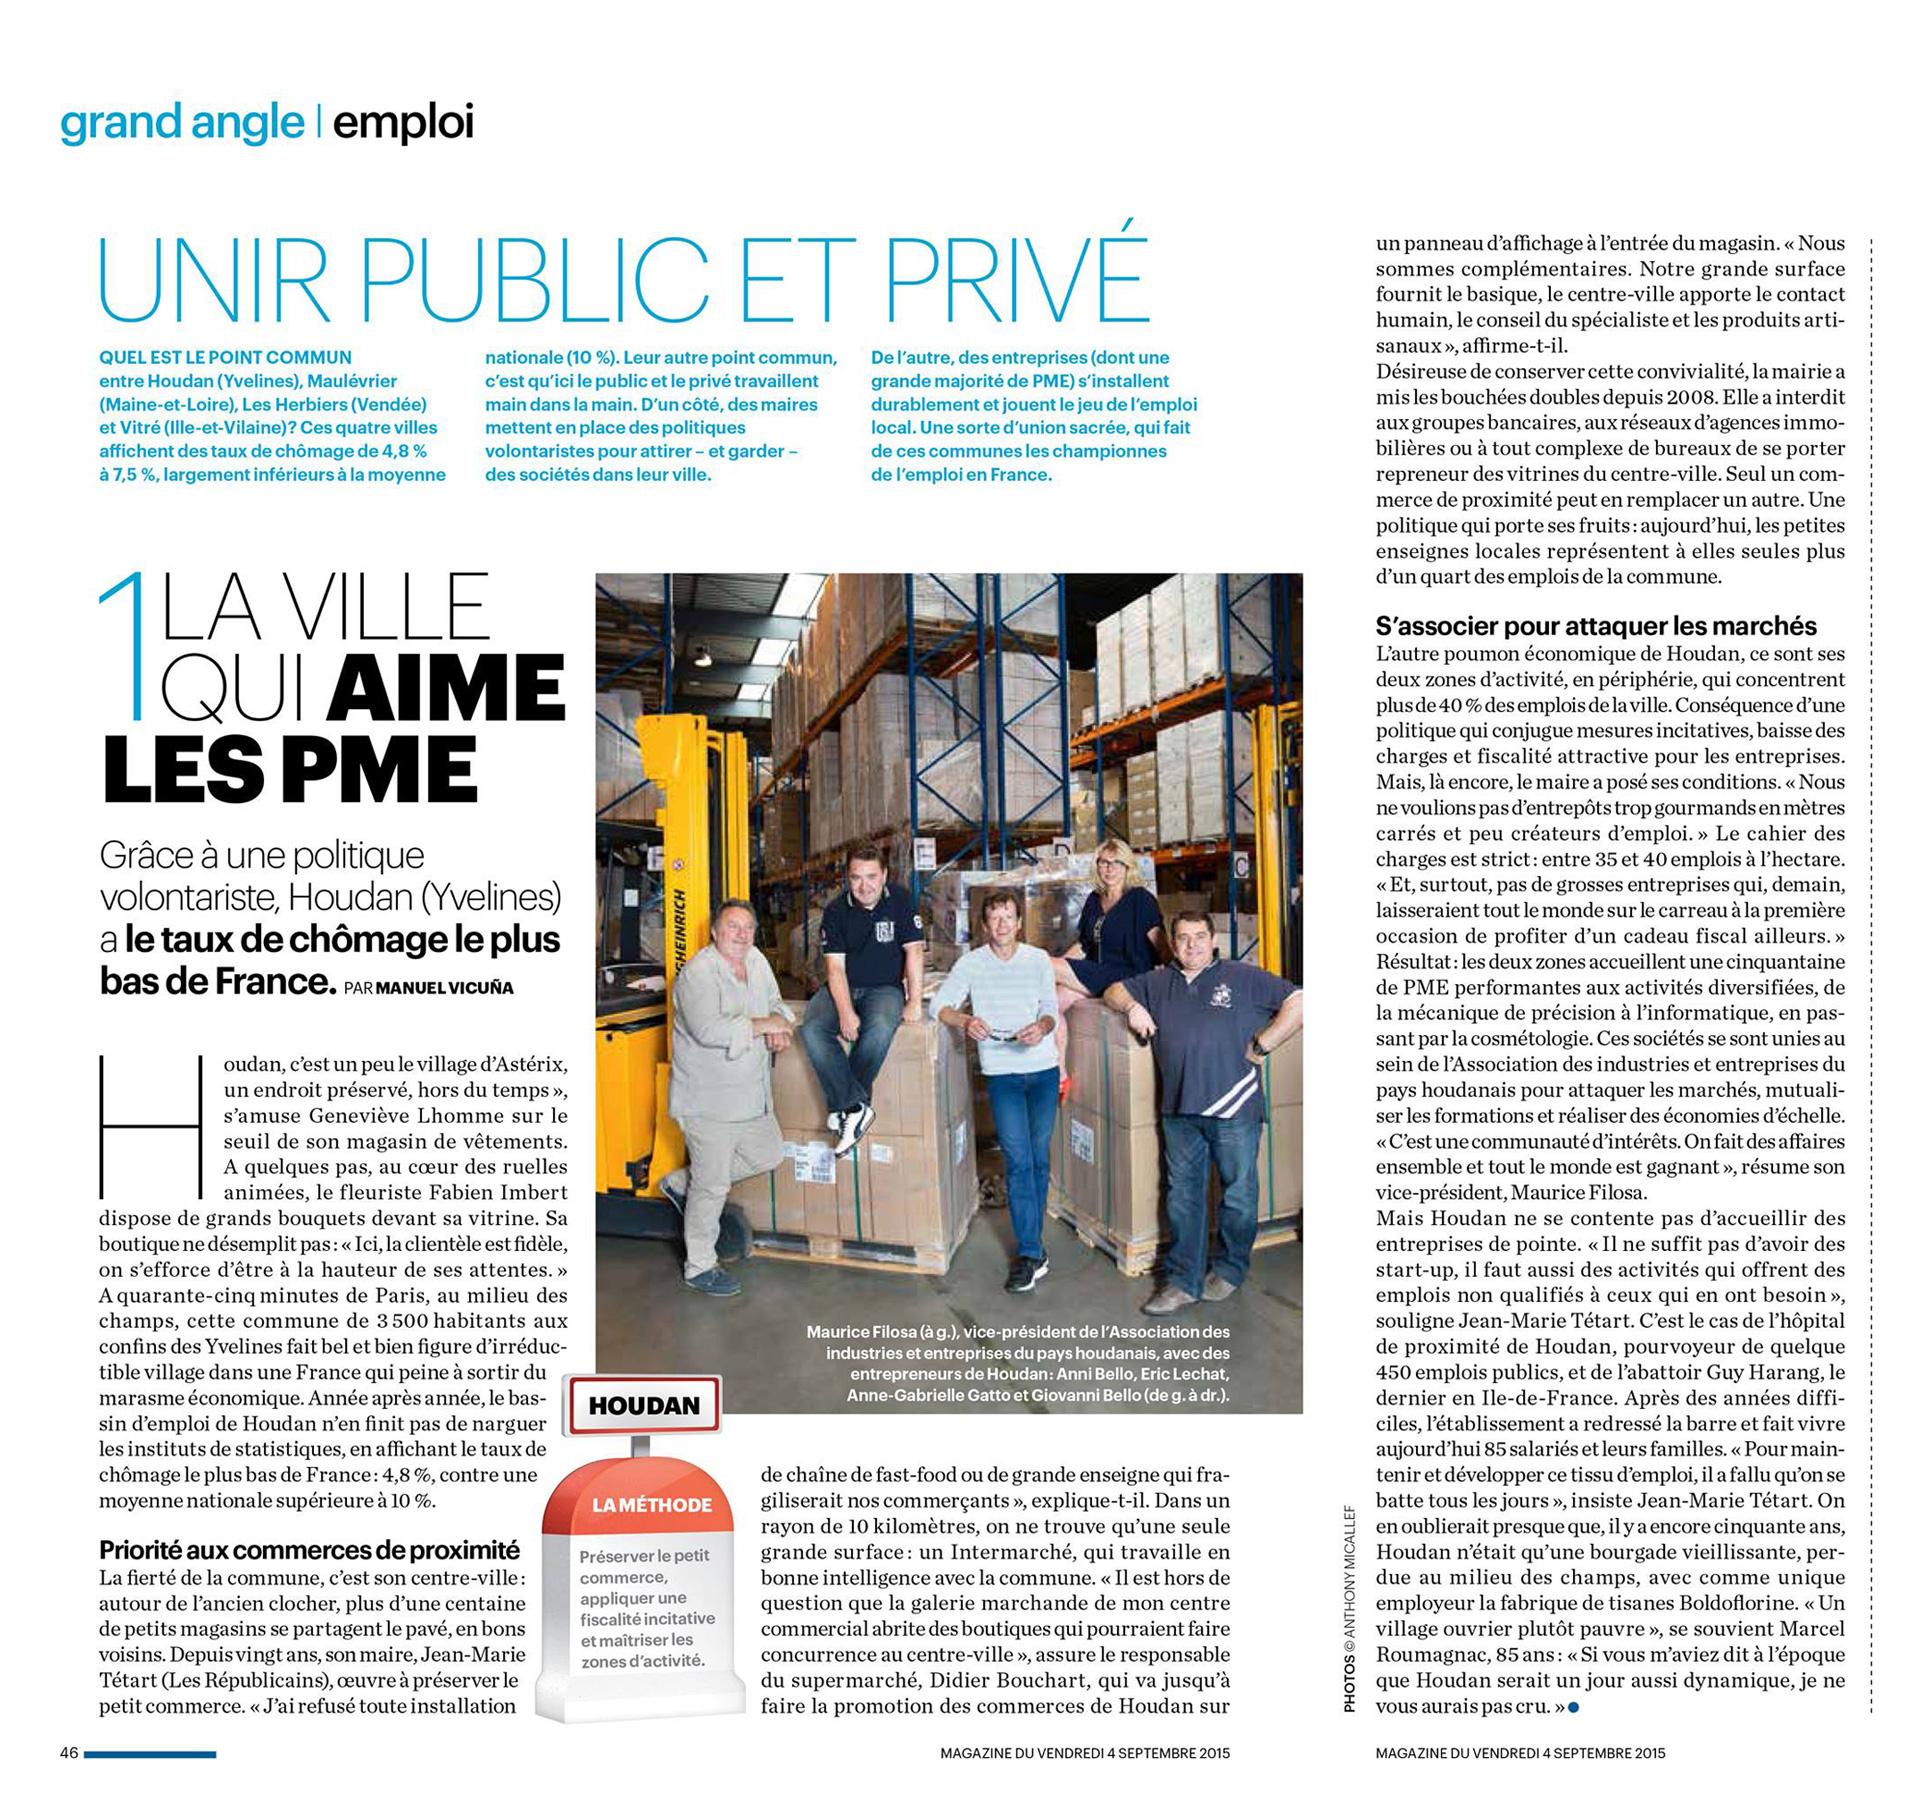 Le_Parisien_09_2015_houdan_pme